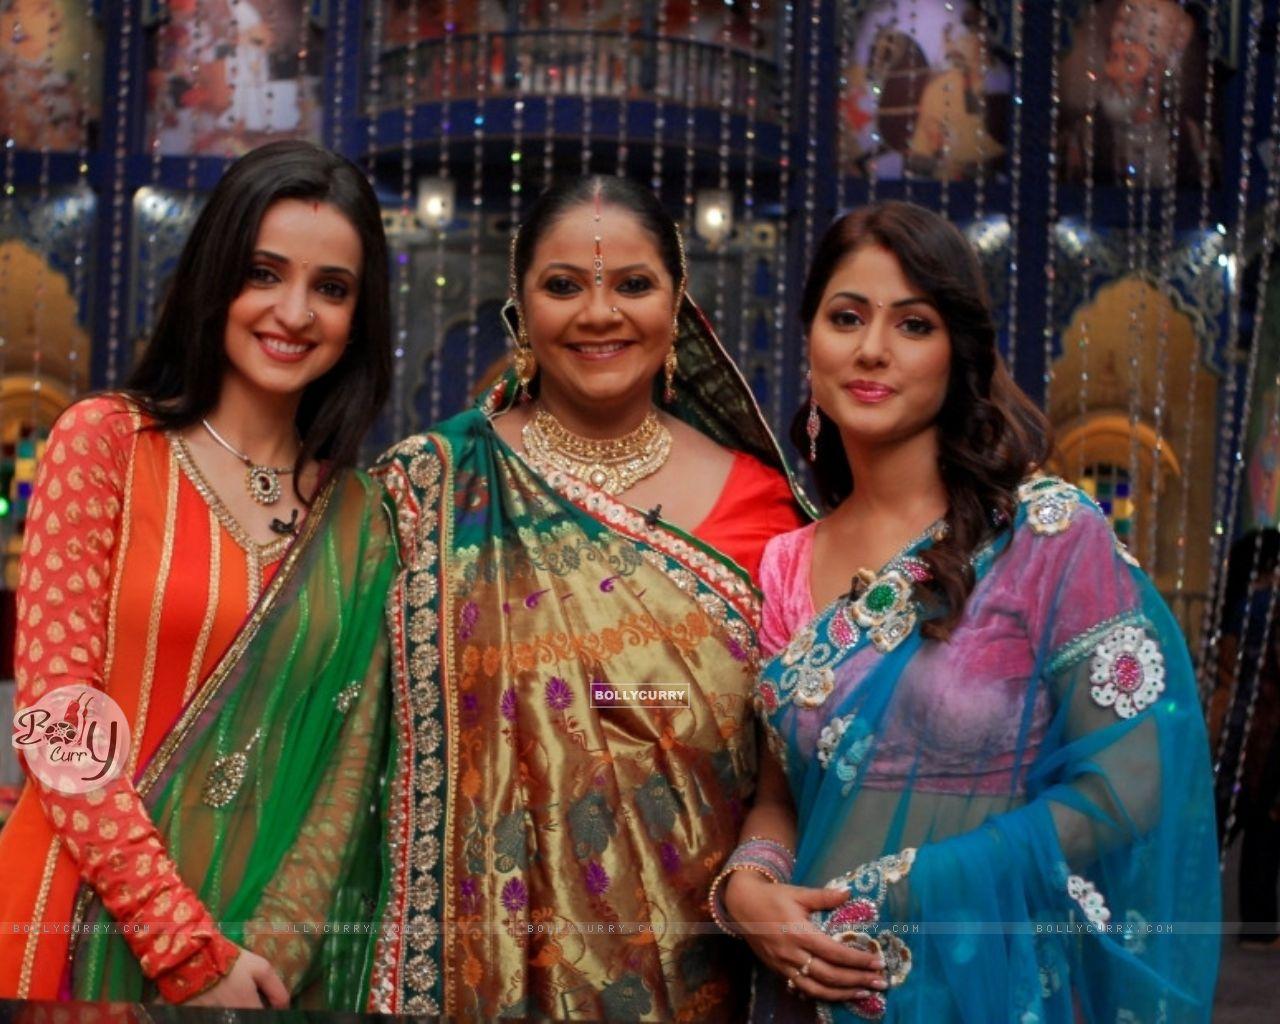 Wallpaper - Sanaya Irani ,Hina Khan and Rupal Patel (283410